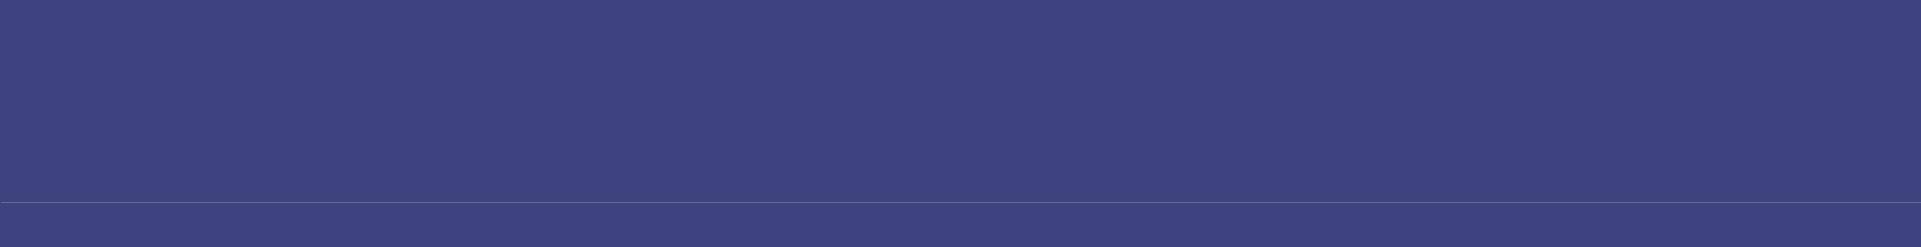 这是描述bobAPP安卓